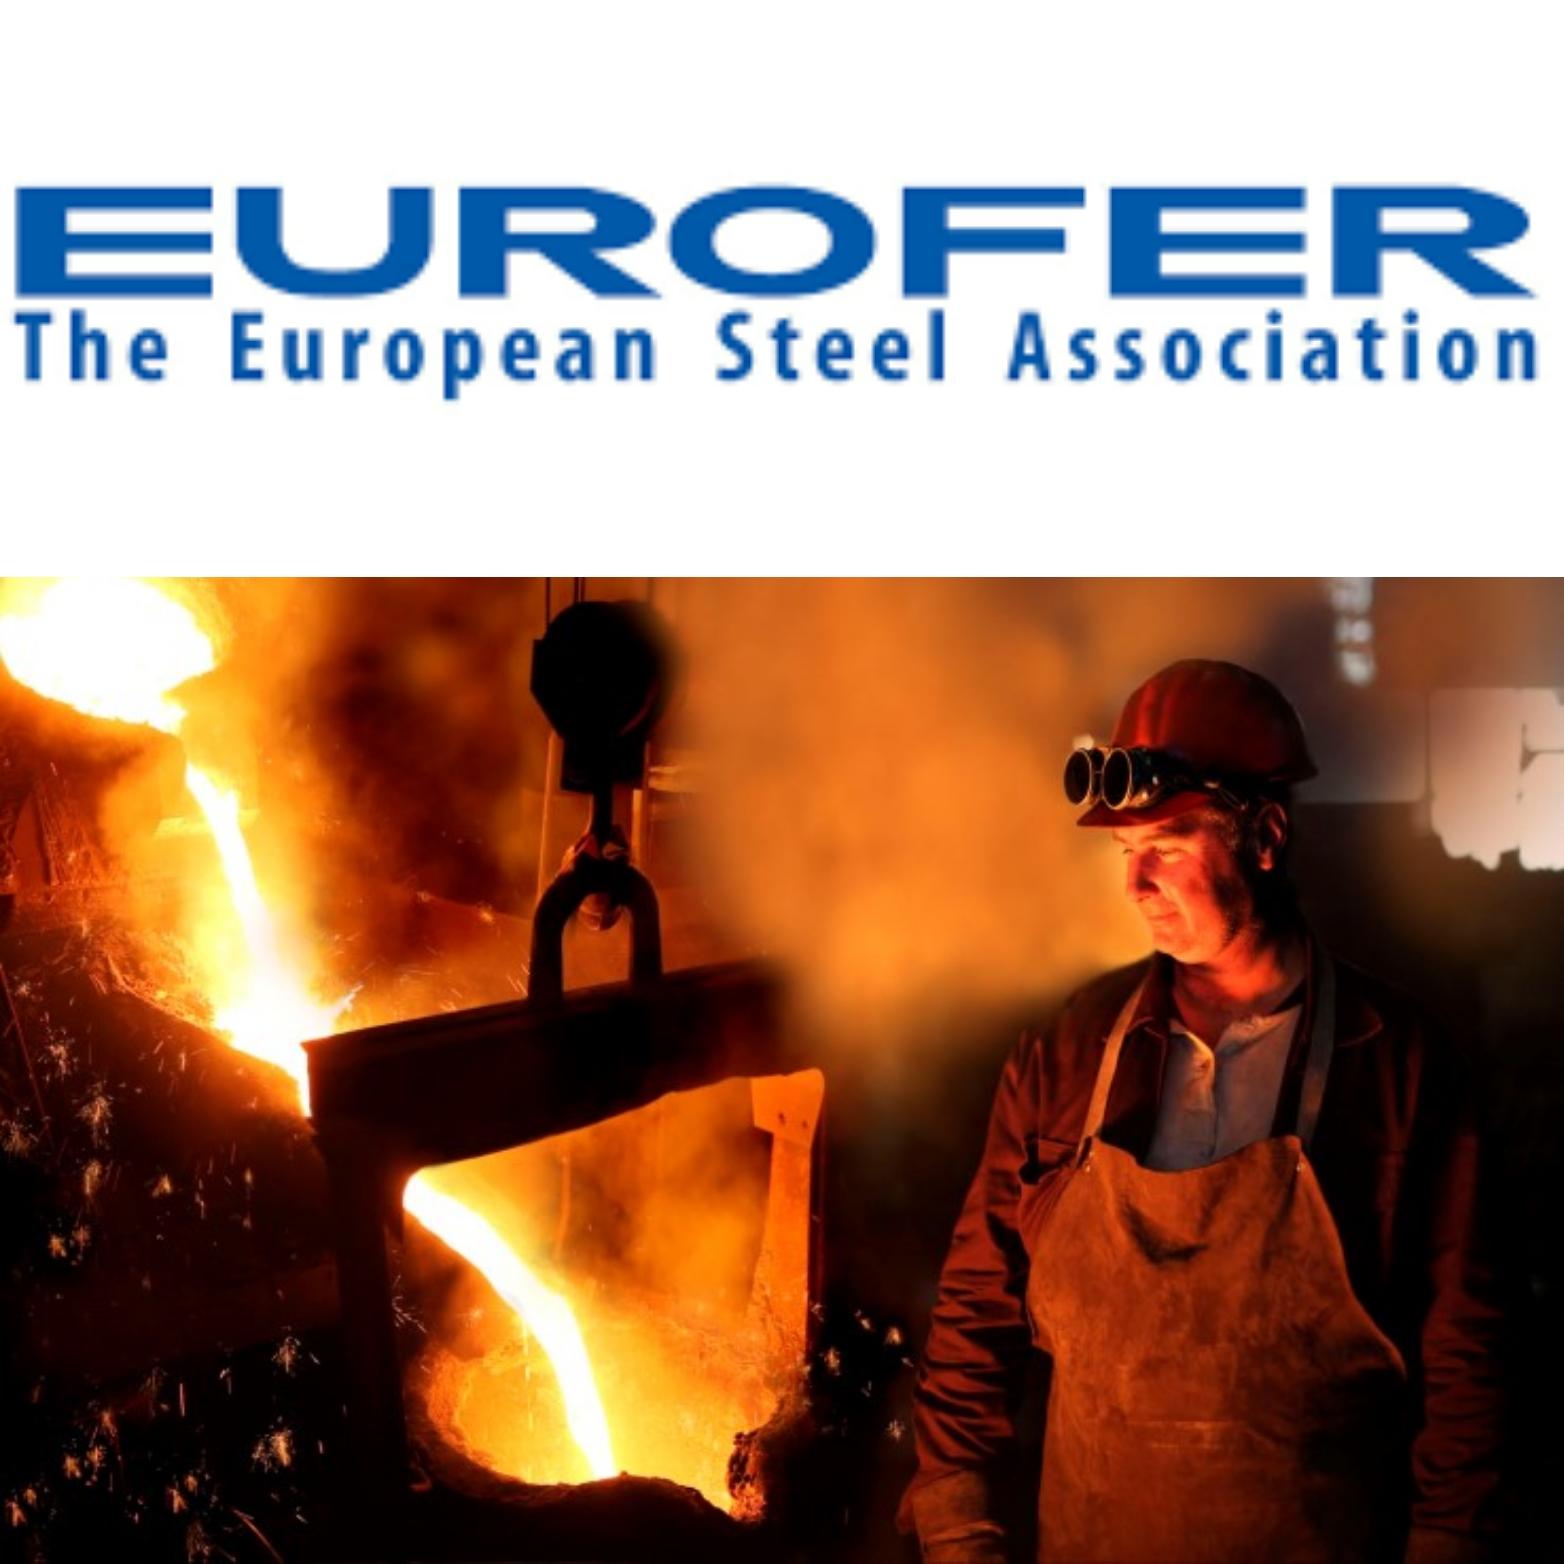 پیش بینی افت 50 درصدی صادرات فولاد اروپا به آمریکا به اعمال تعرفه های جدید